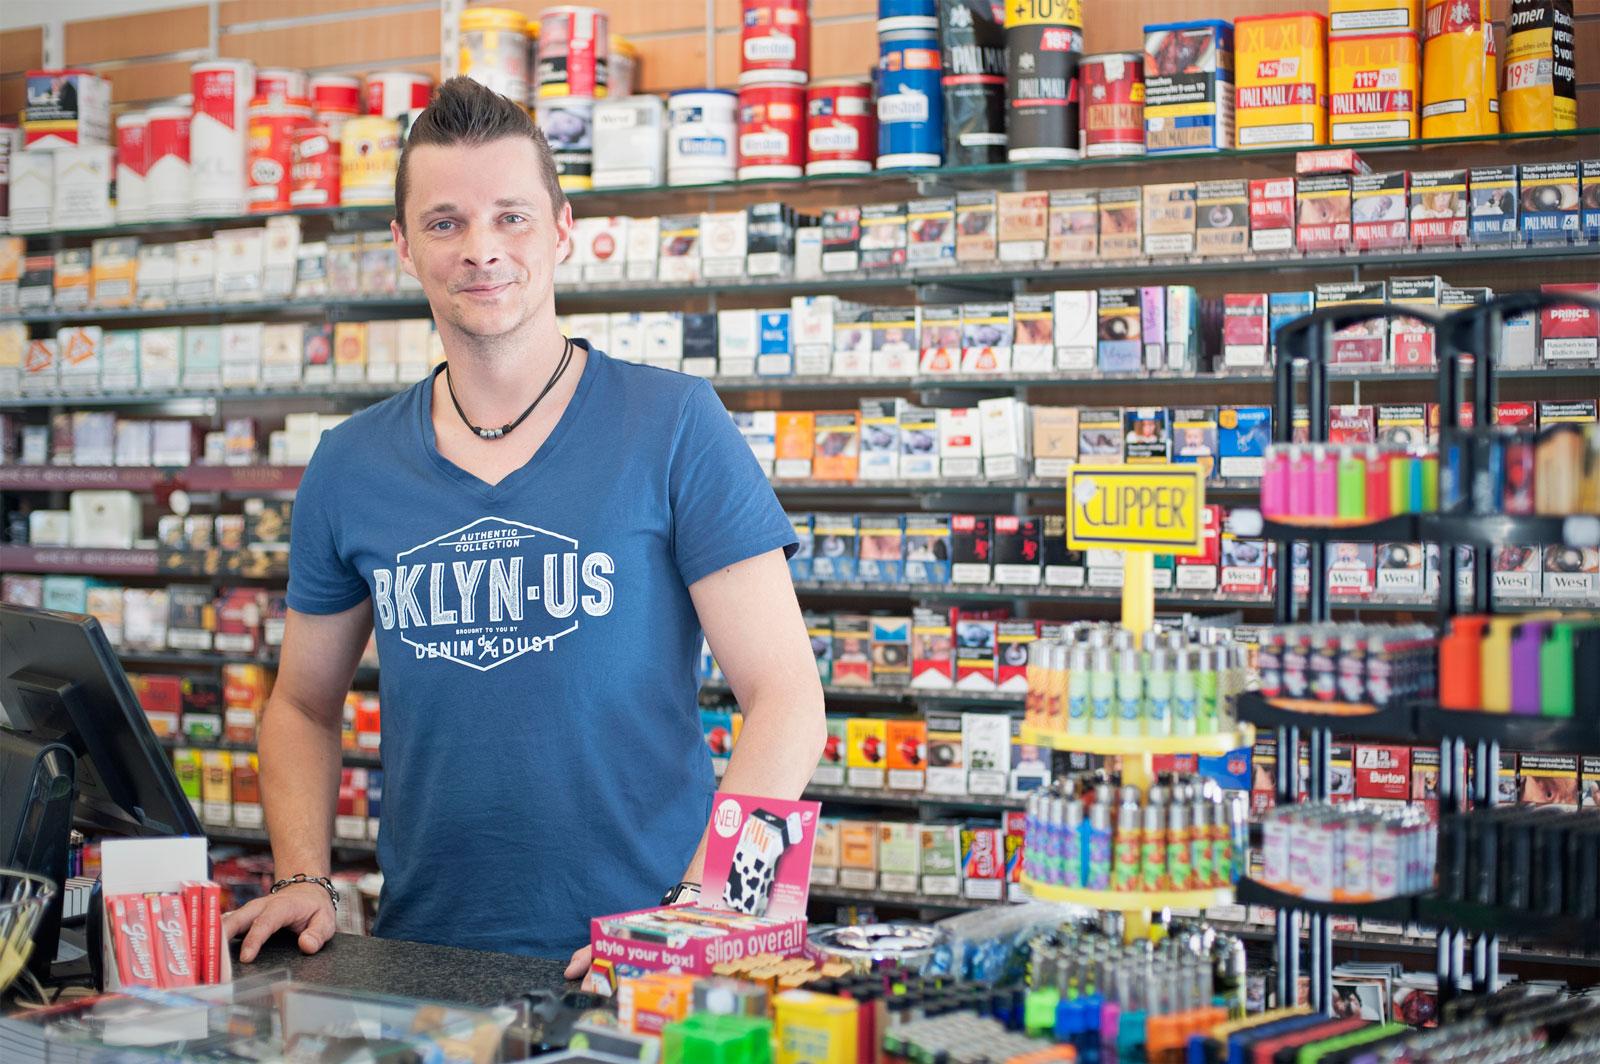 Genuss Store - Der Kauboy am Rathaus